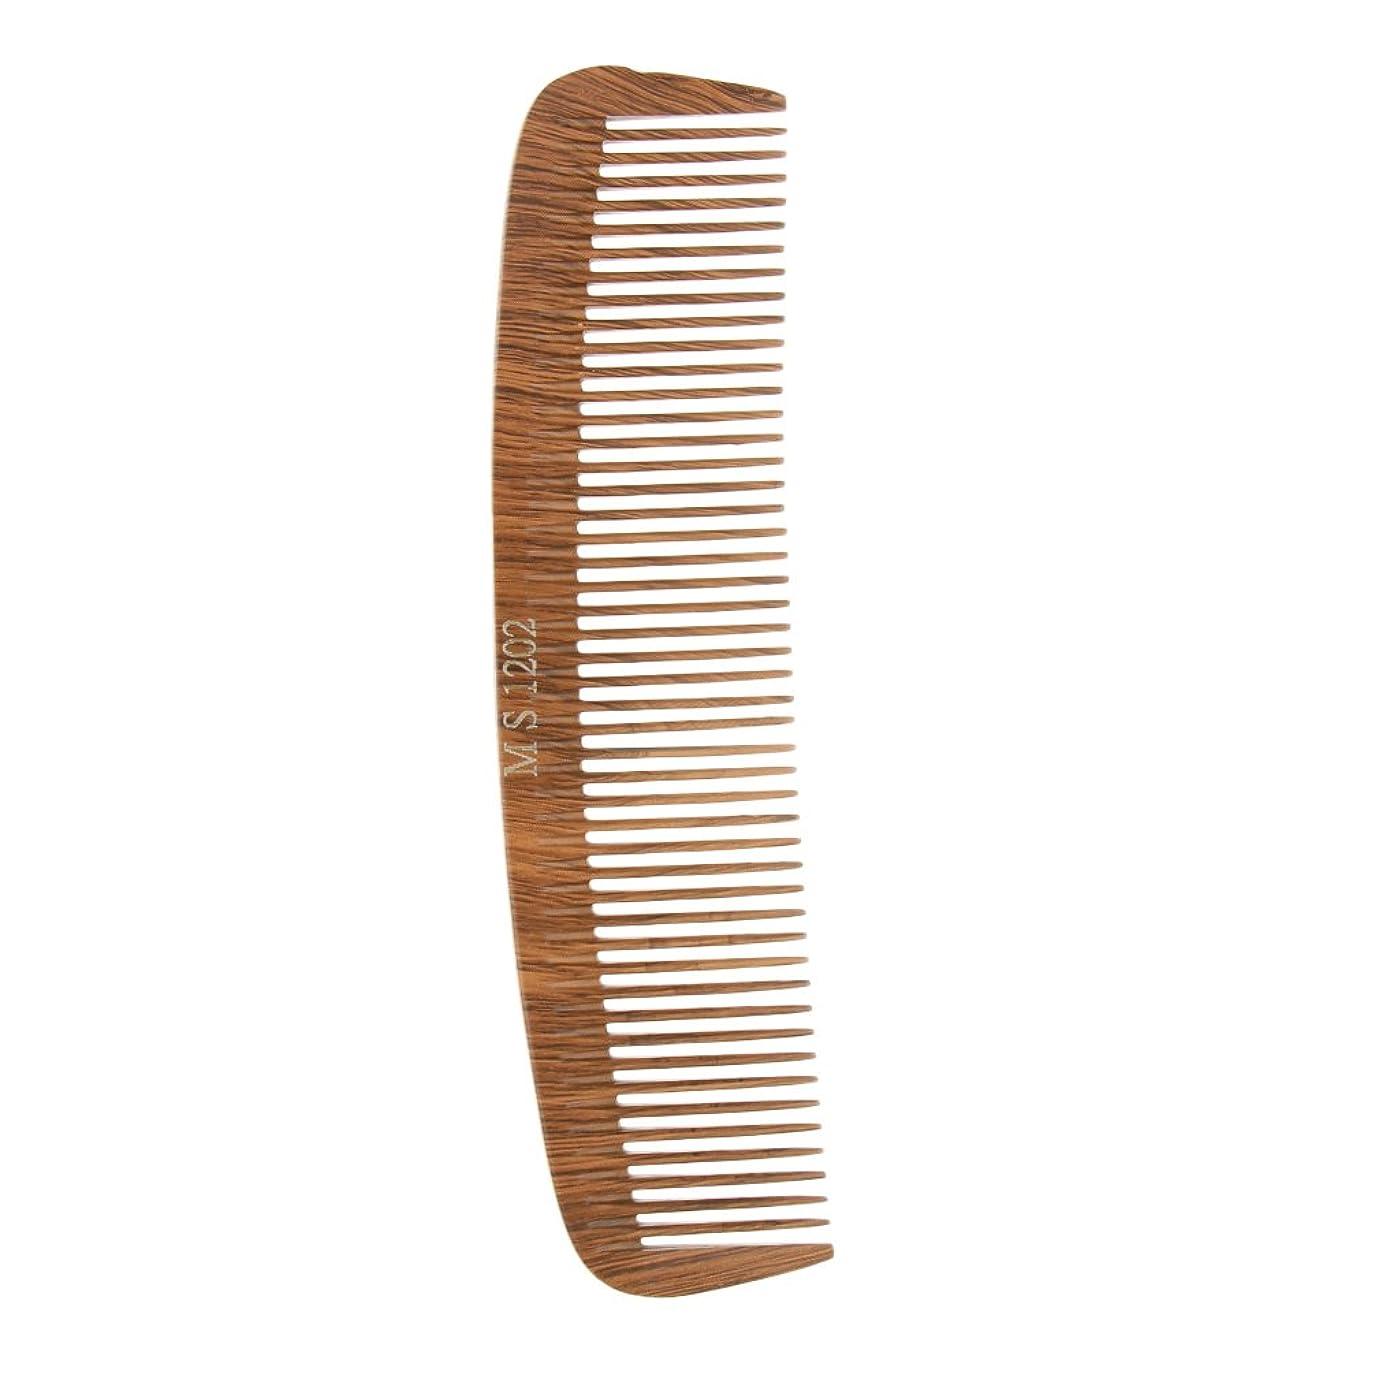 ネーピアバラ色対Baosity ヘアカットコーム コーム 木製櫛 帯電防止 4タイプ選べる - 1202